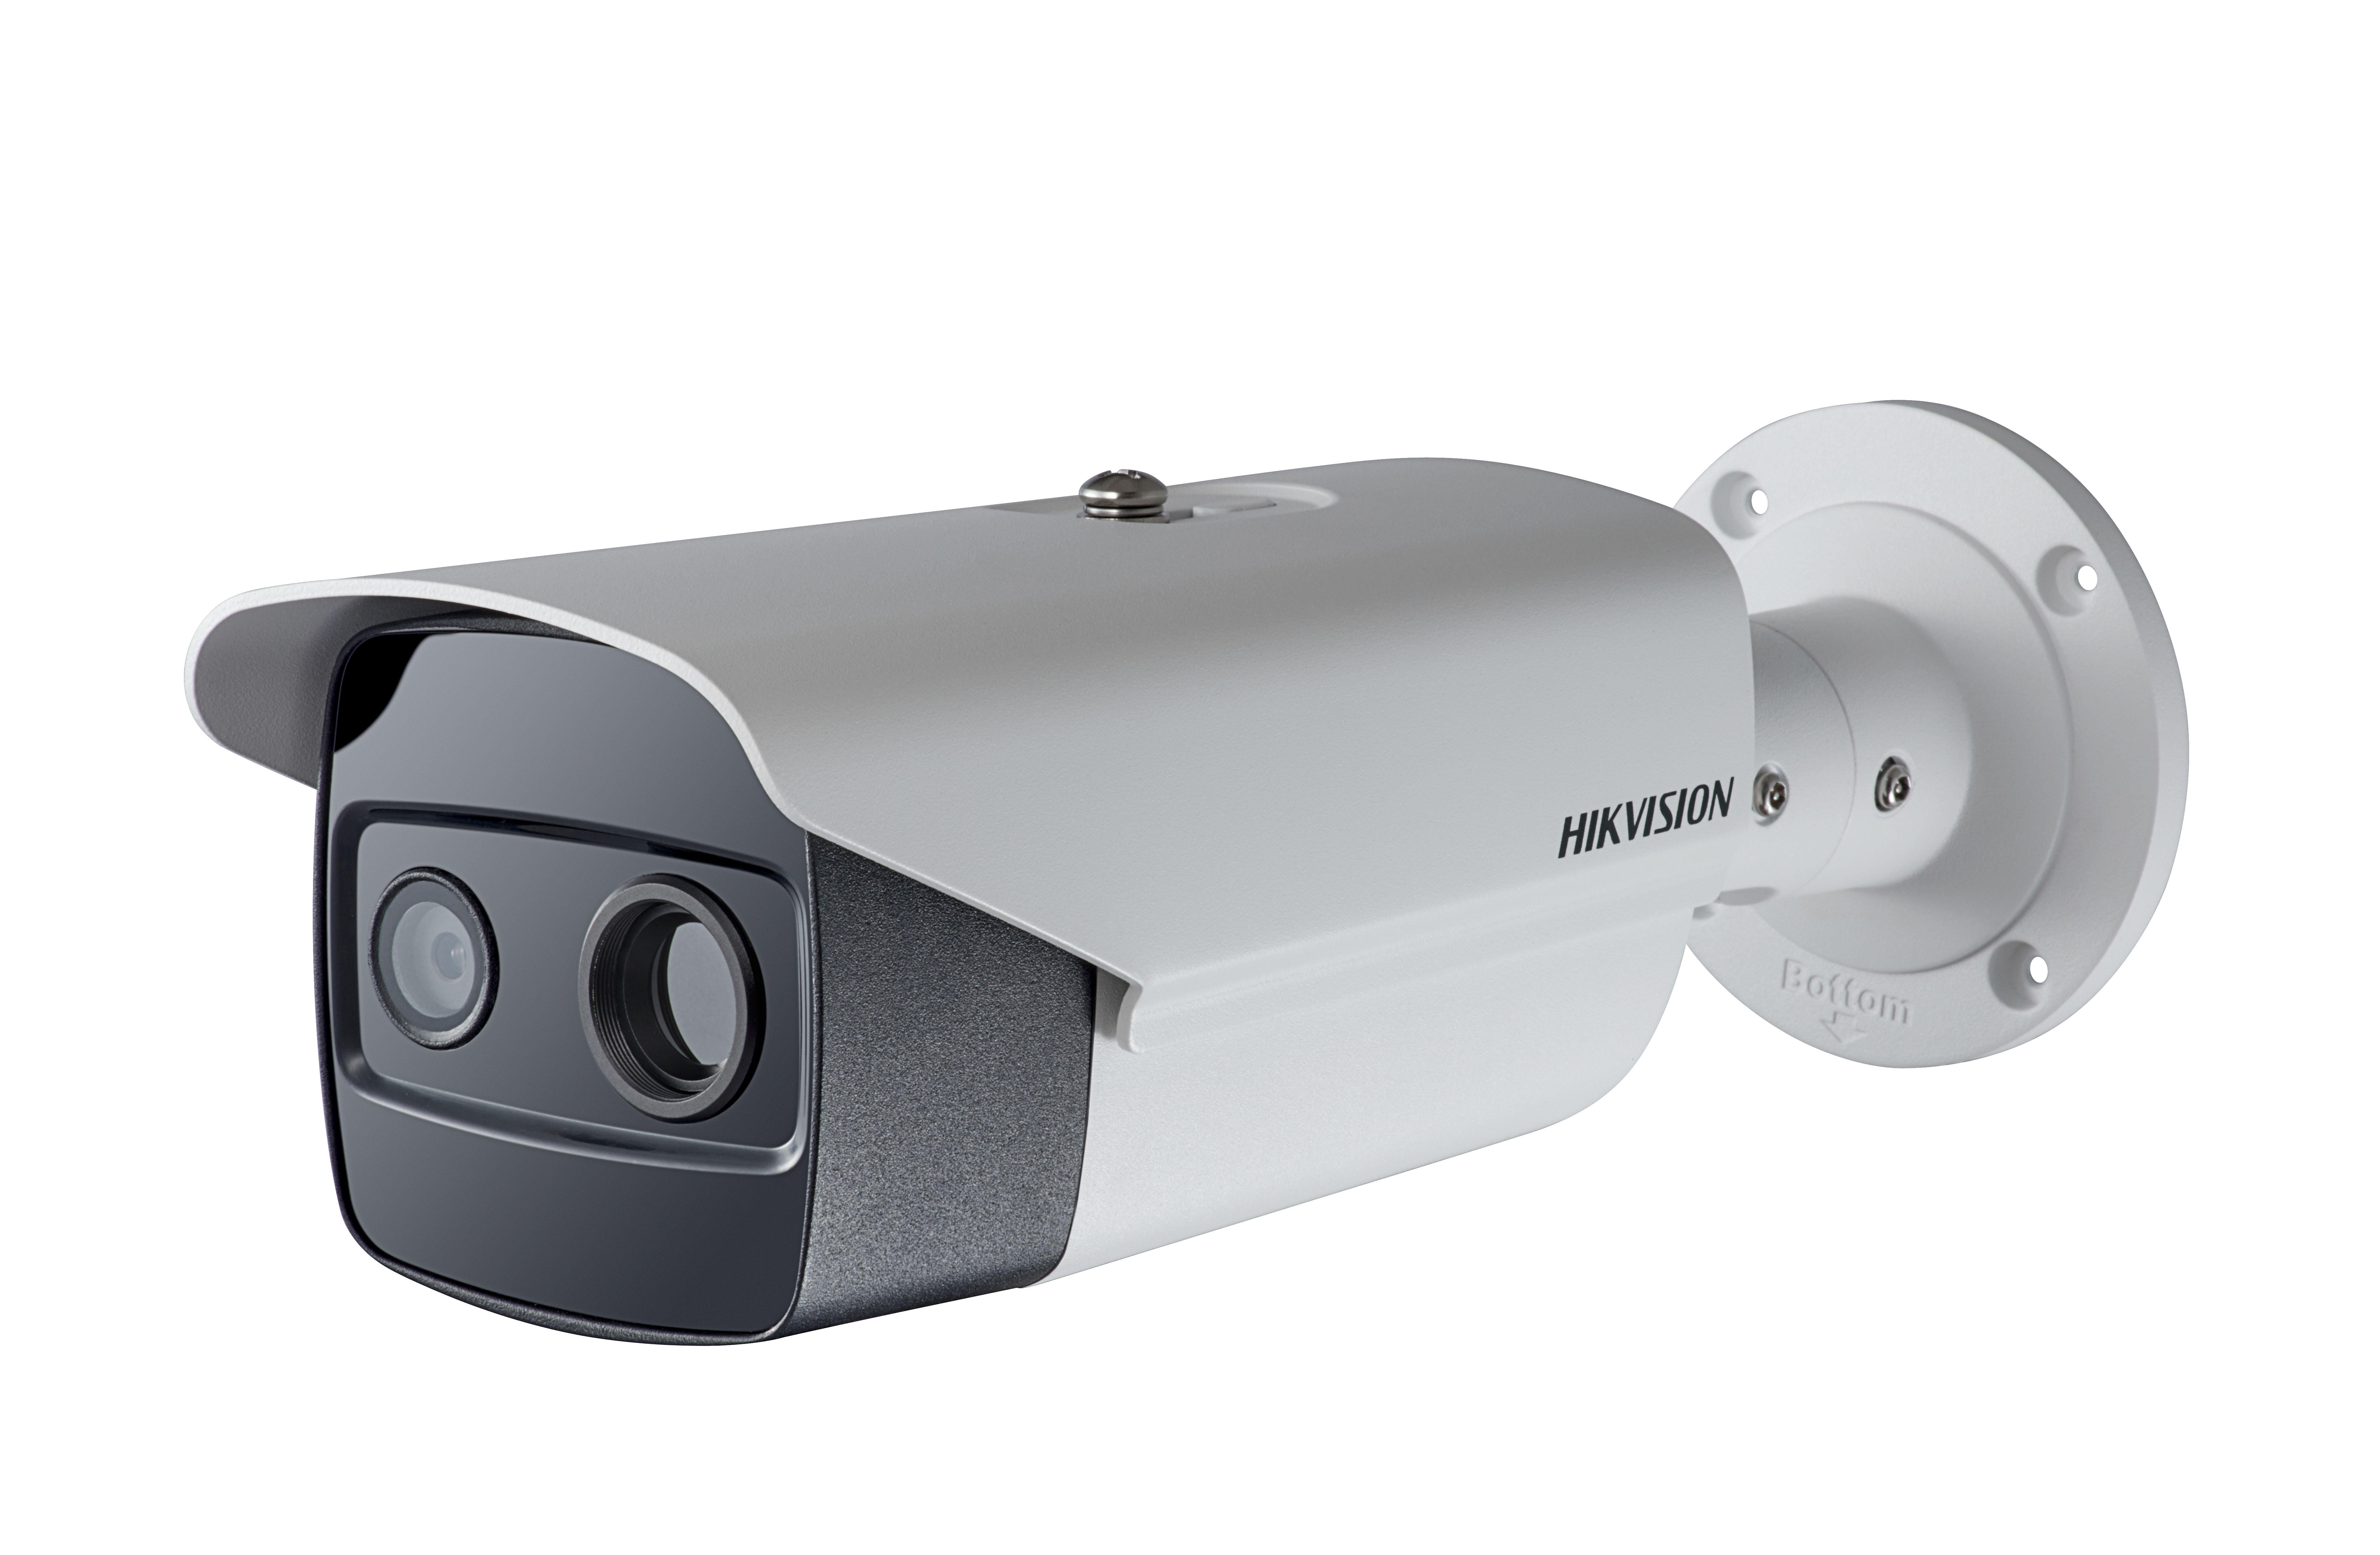 Camera ảnh nhiệt Hikvision mới – Phát hiện cháy thông minh